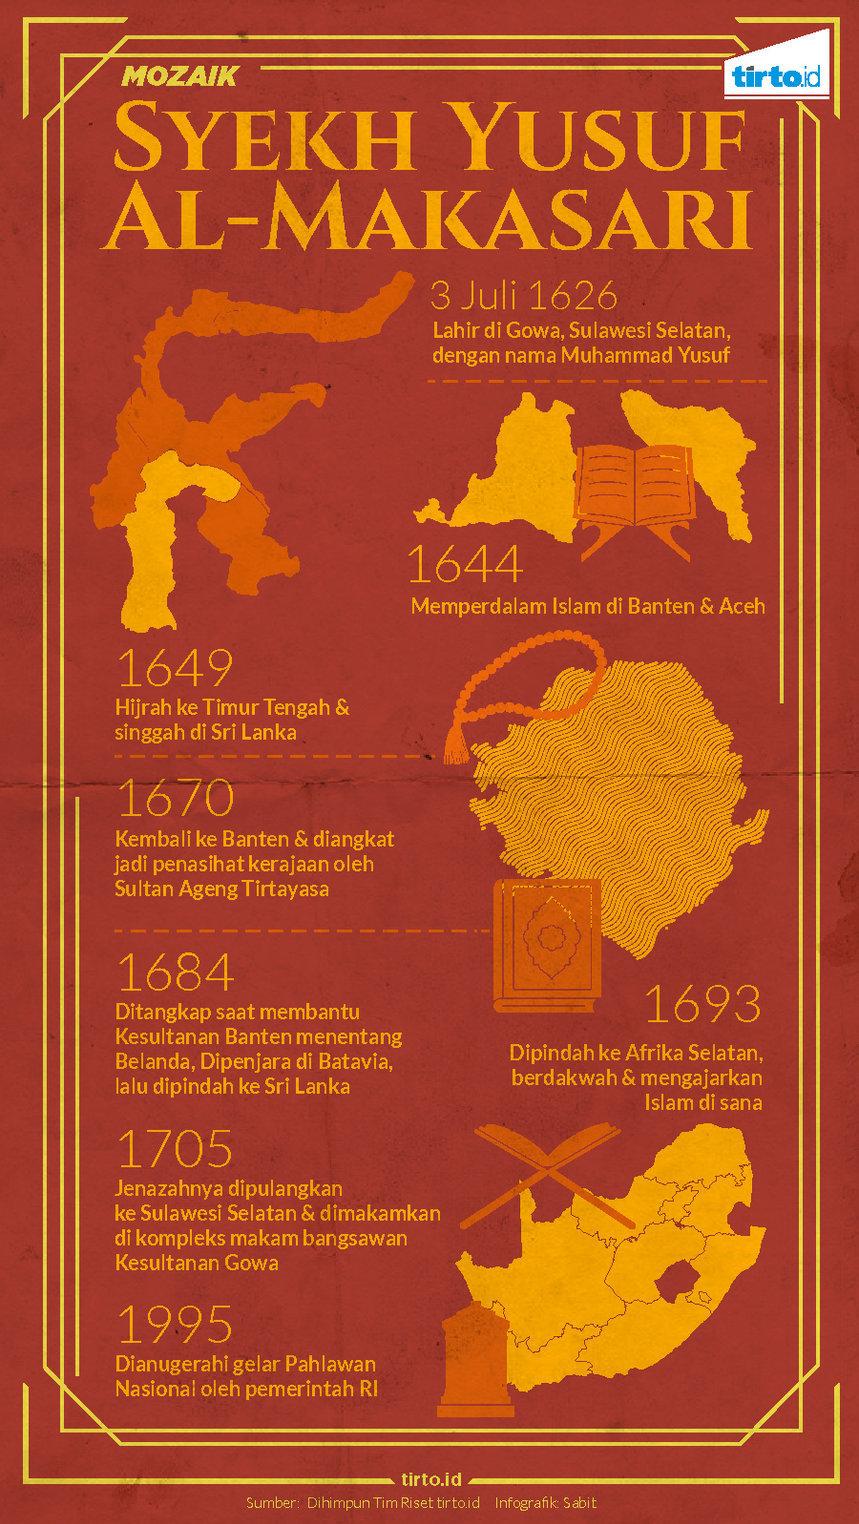 Infografik Mozaik syekh yusuf